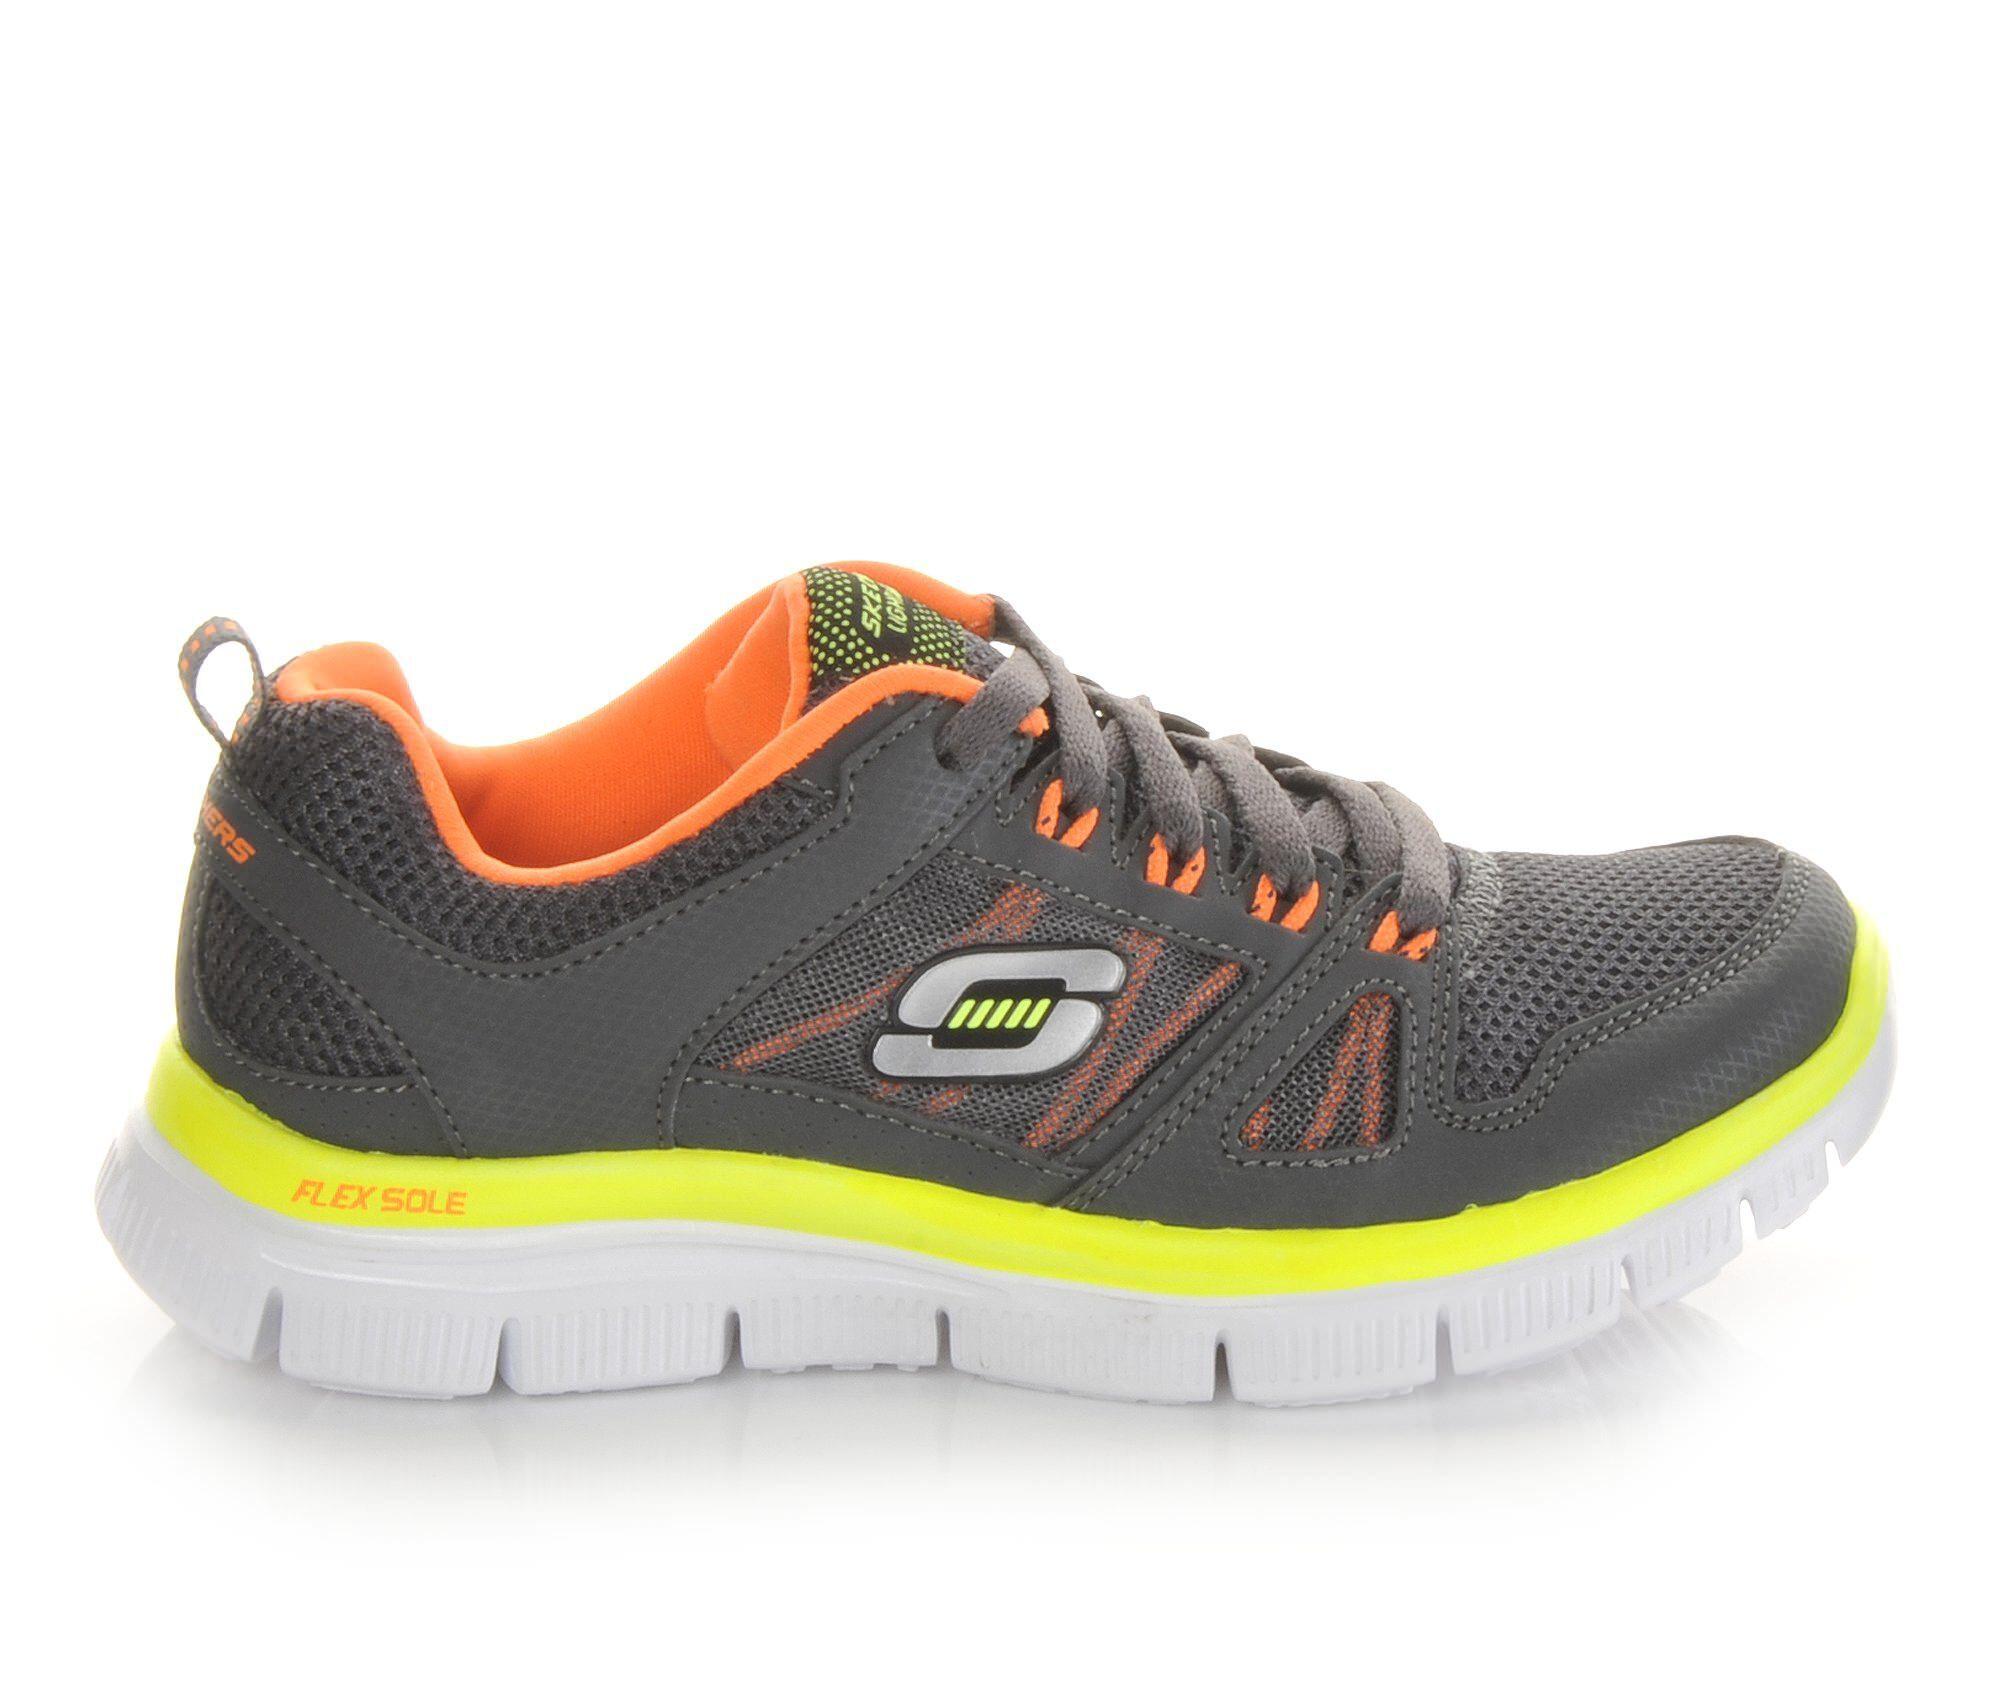 Skechers Shoes Skechers Flex Advantage 10 5 7 Boys Sports Shoes Charcoal/Orange